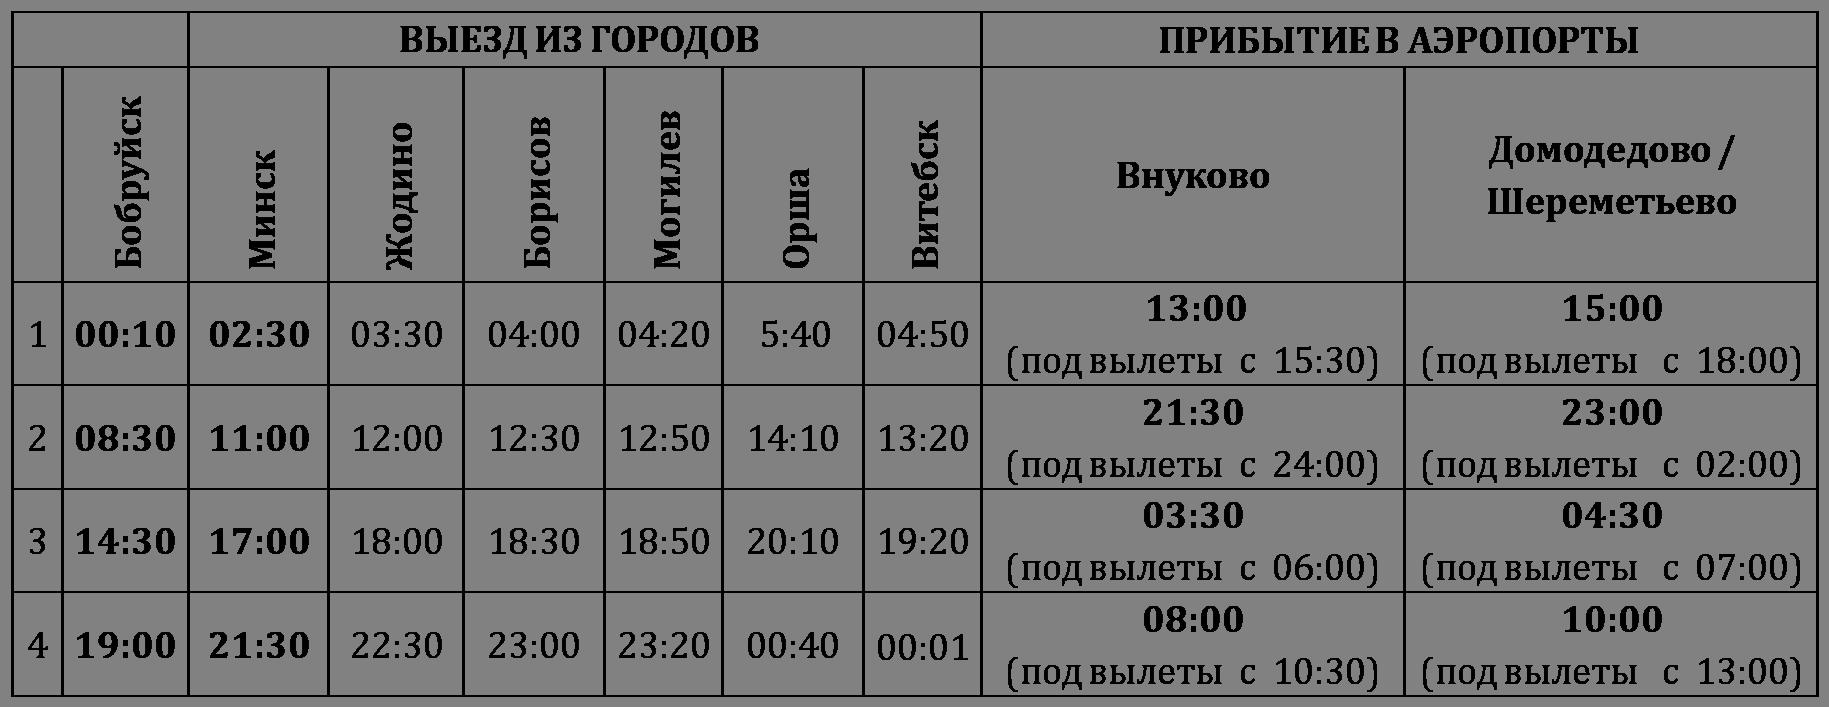 минск-москва16.06.16